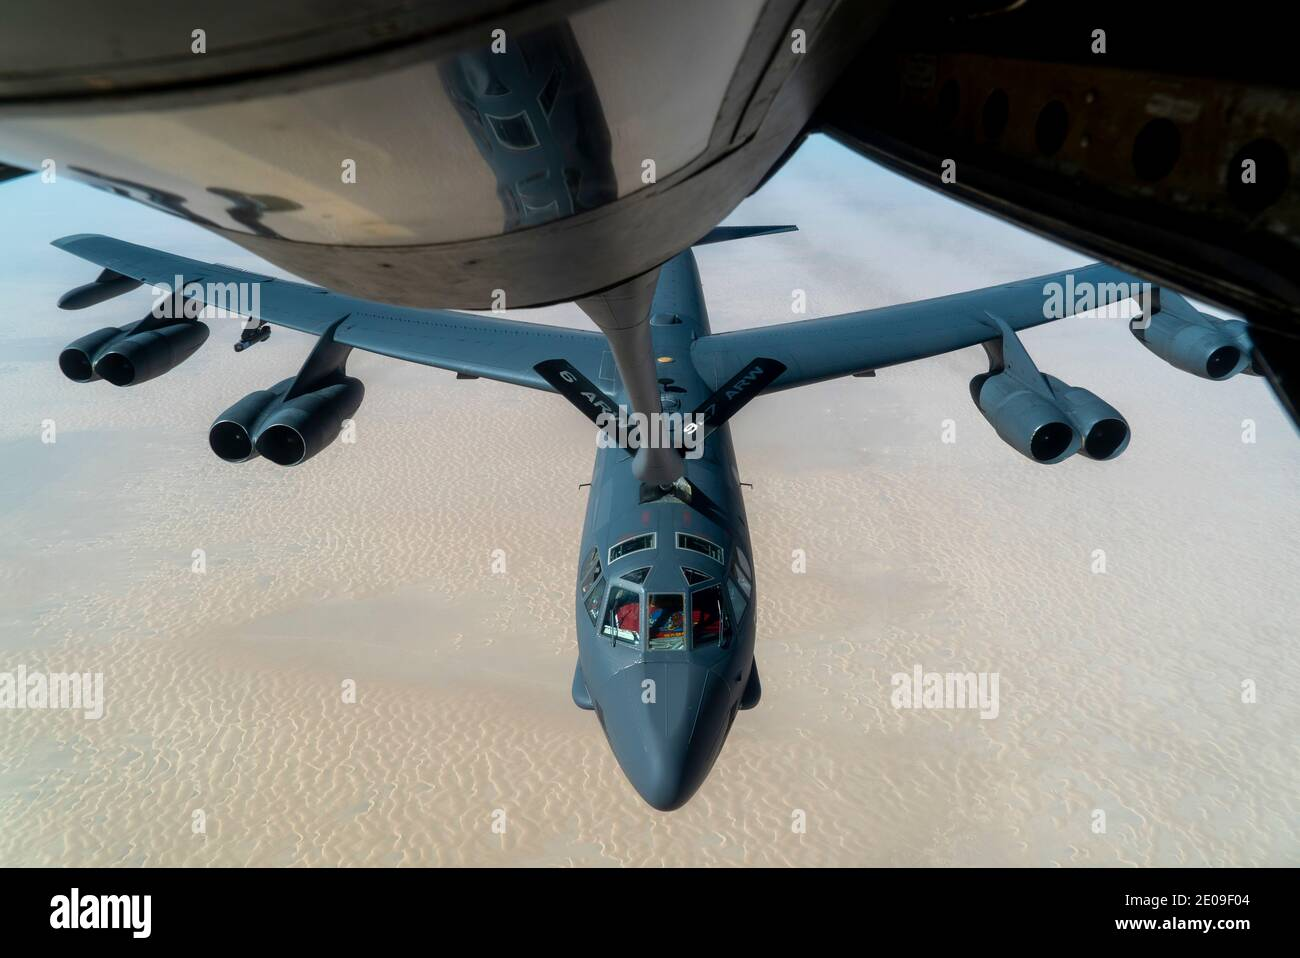 Golfo Persico, Stati Uniti. 30 dicembre 2020. Un aereo bombardiere strategico dell'aeronautica degli Stati Uniti B-52 della 5.a Bomb Wing, si avvicina ad un KC-135 Stratotanker per rifornire il 30 dicembre 2020 sopra il Golfo Persico. Il bombardiere è il terzo esempio della missione di forza come messaggio per l'Iran. Credit: Planetpix/Alamy Live News Foto Stock